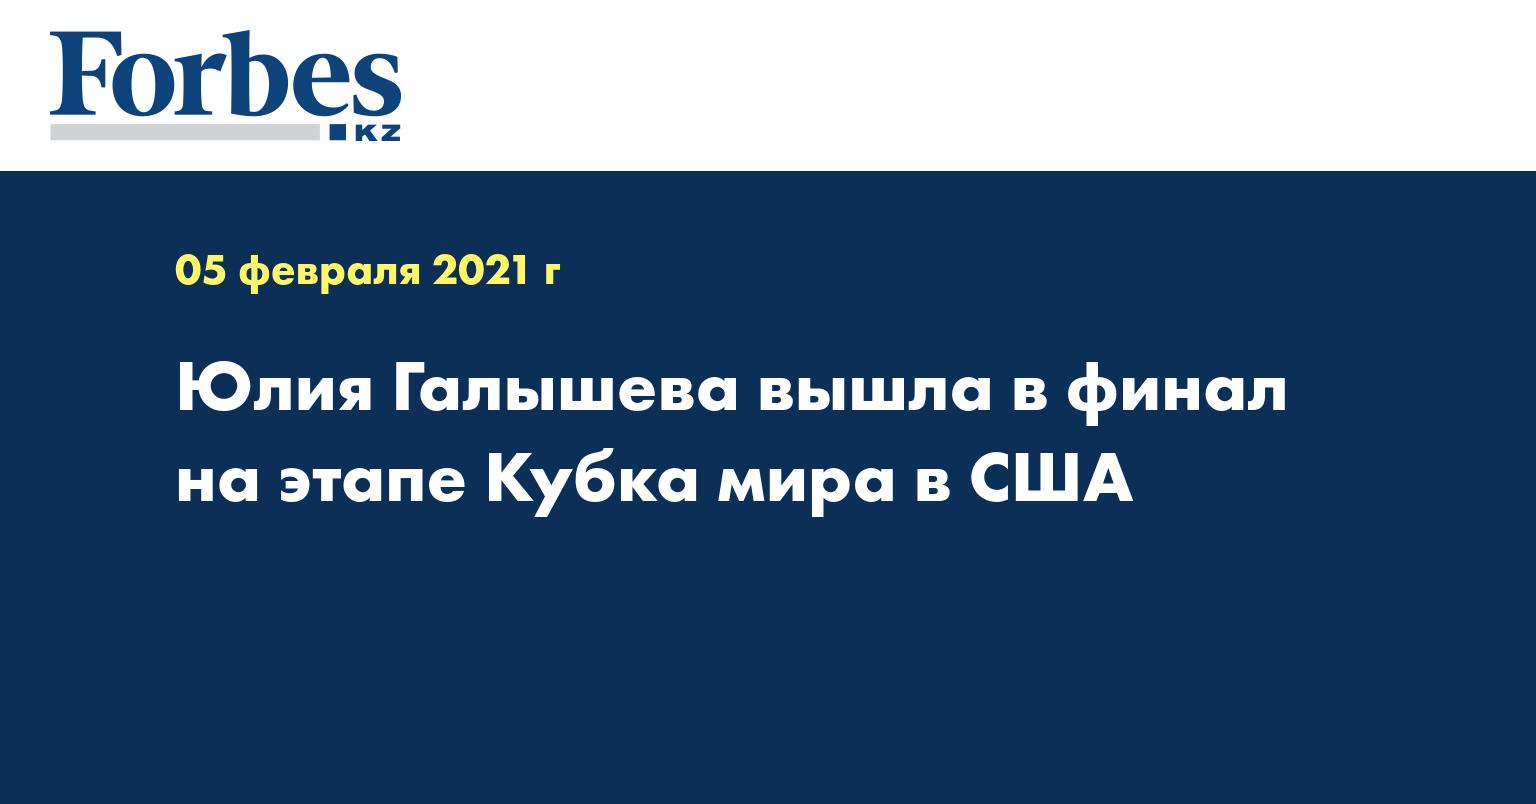 Юлия Галышева вышла в финал на этапе Кубка мира в США